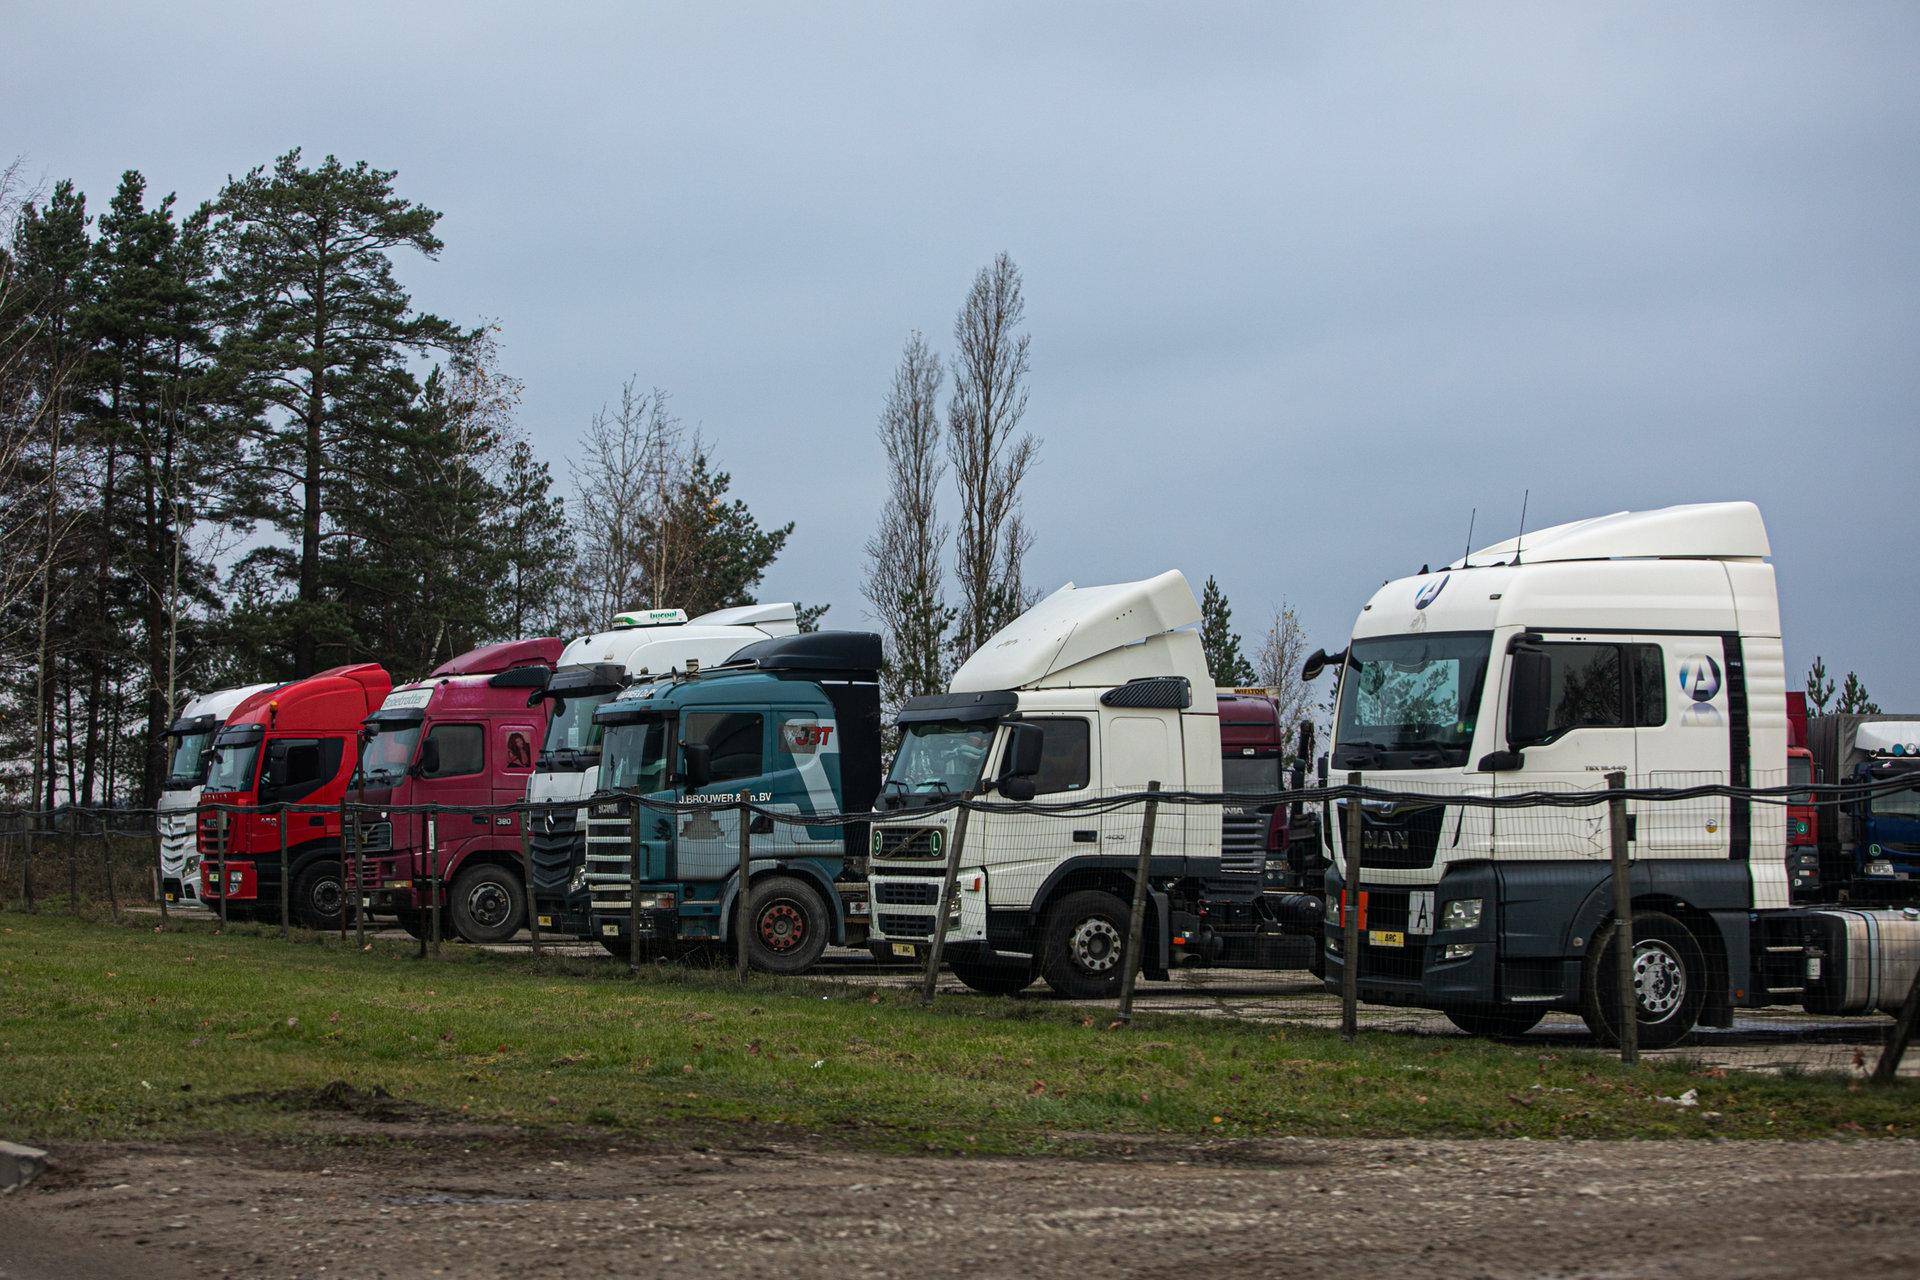 Statistika: per metus importas smuktelėjo 5% - Verslo žinios